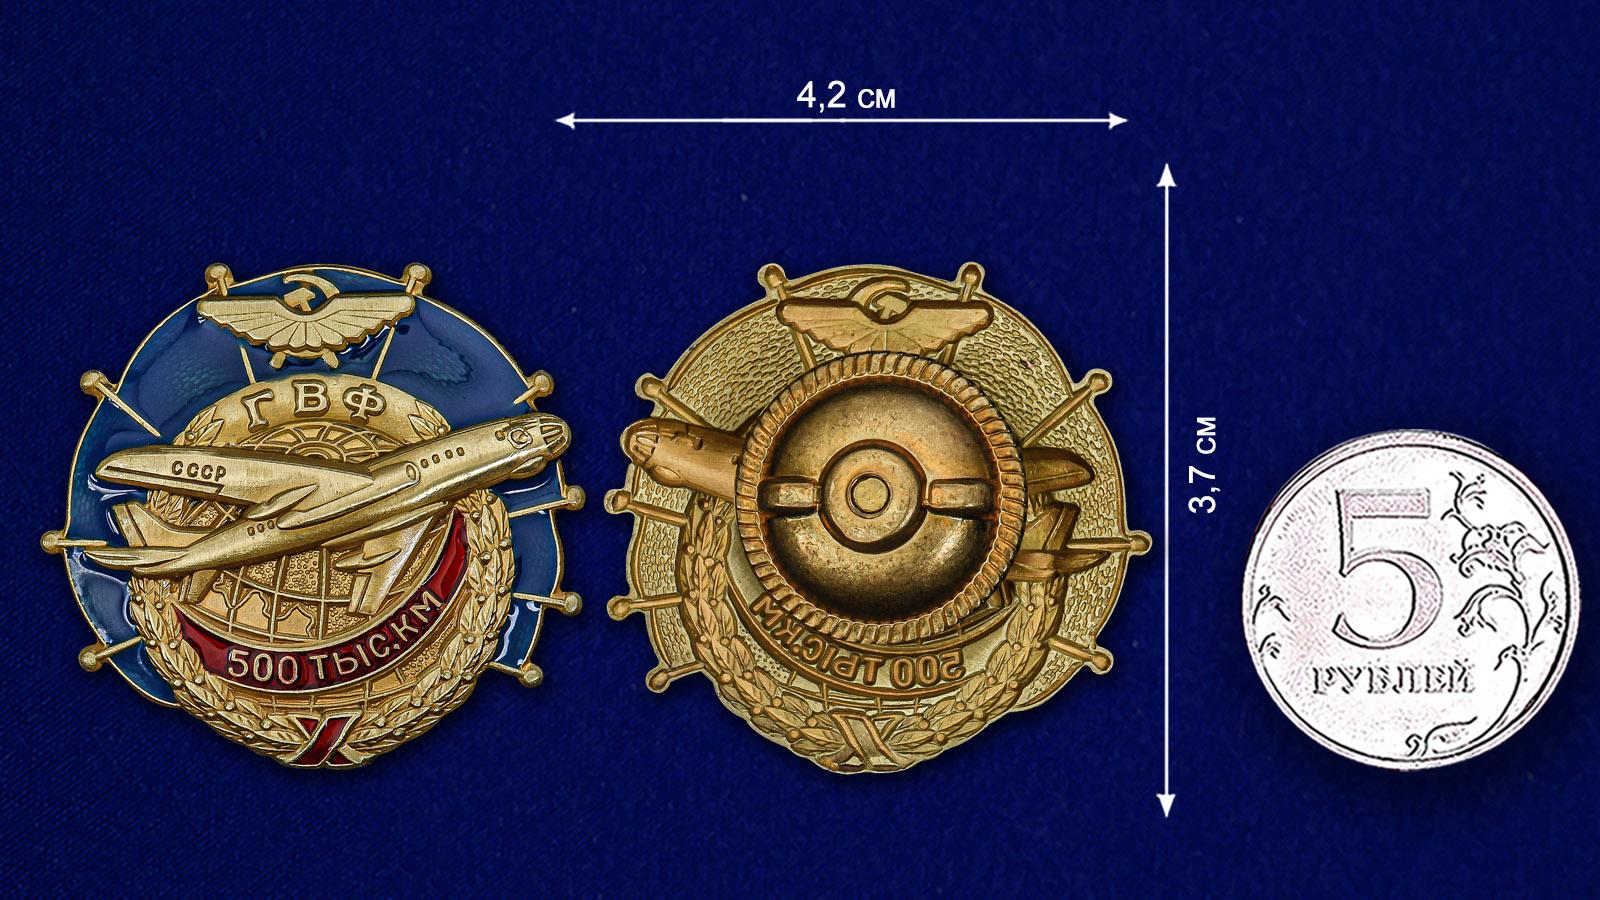 Знак ГВФ ТУ-104 За налет 500 тыс. км (бронза) - размер